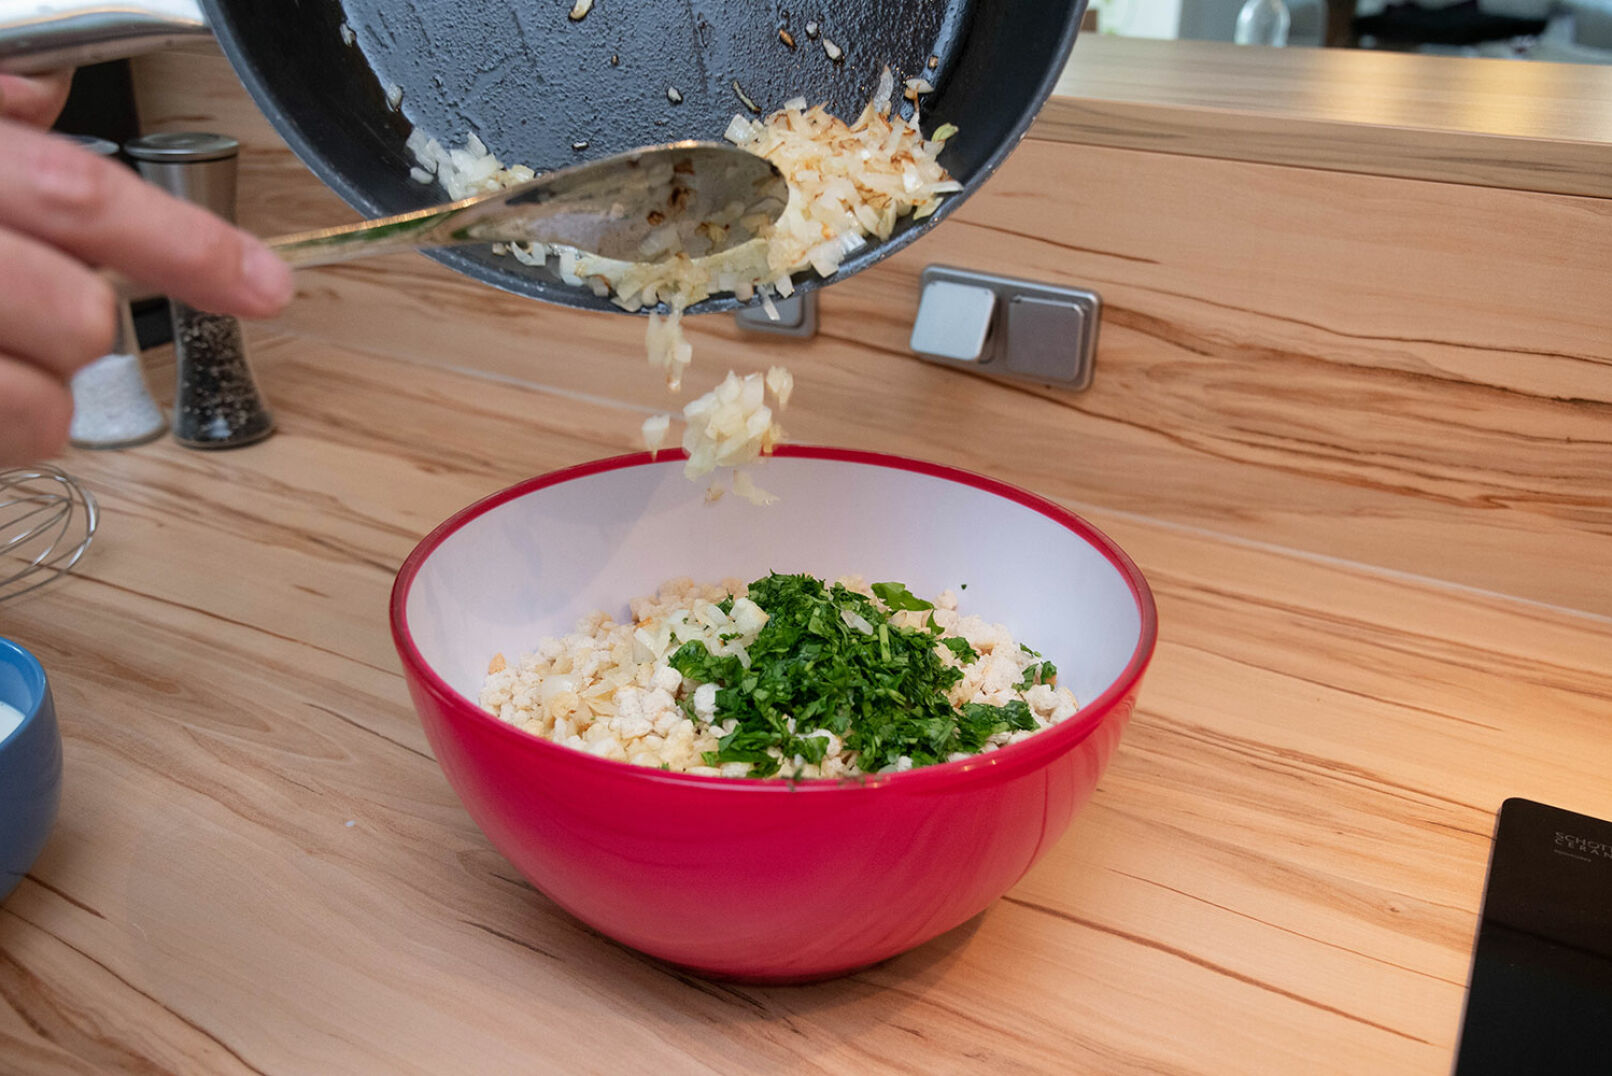 Als nächstes die geschnittene Zwiebel kurz in Butter anschwitzen und ab in die Schüssel. - © Barbara Marko